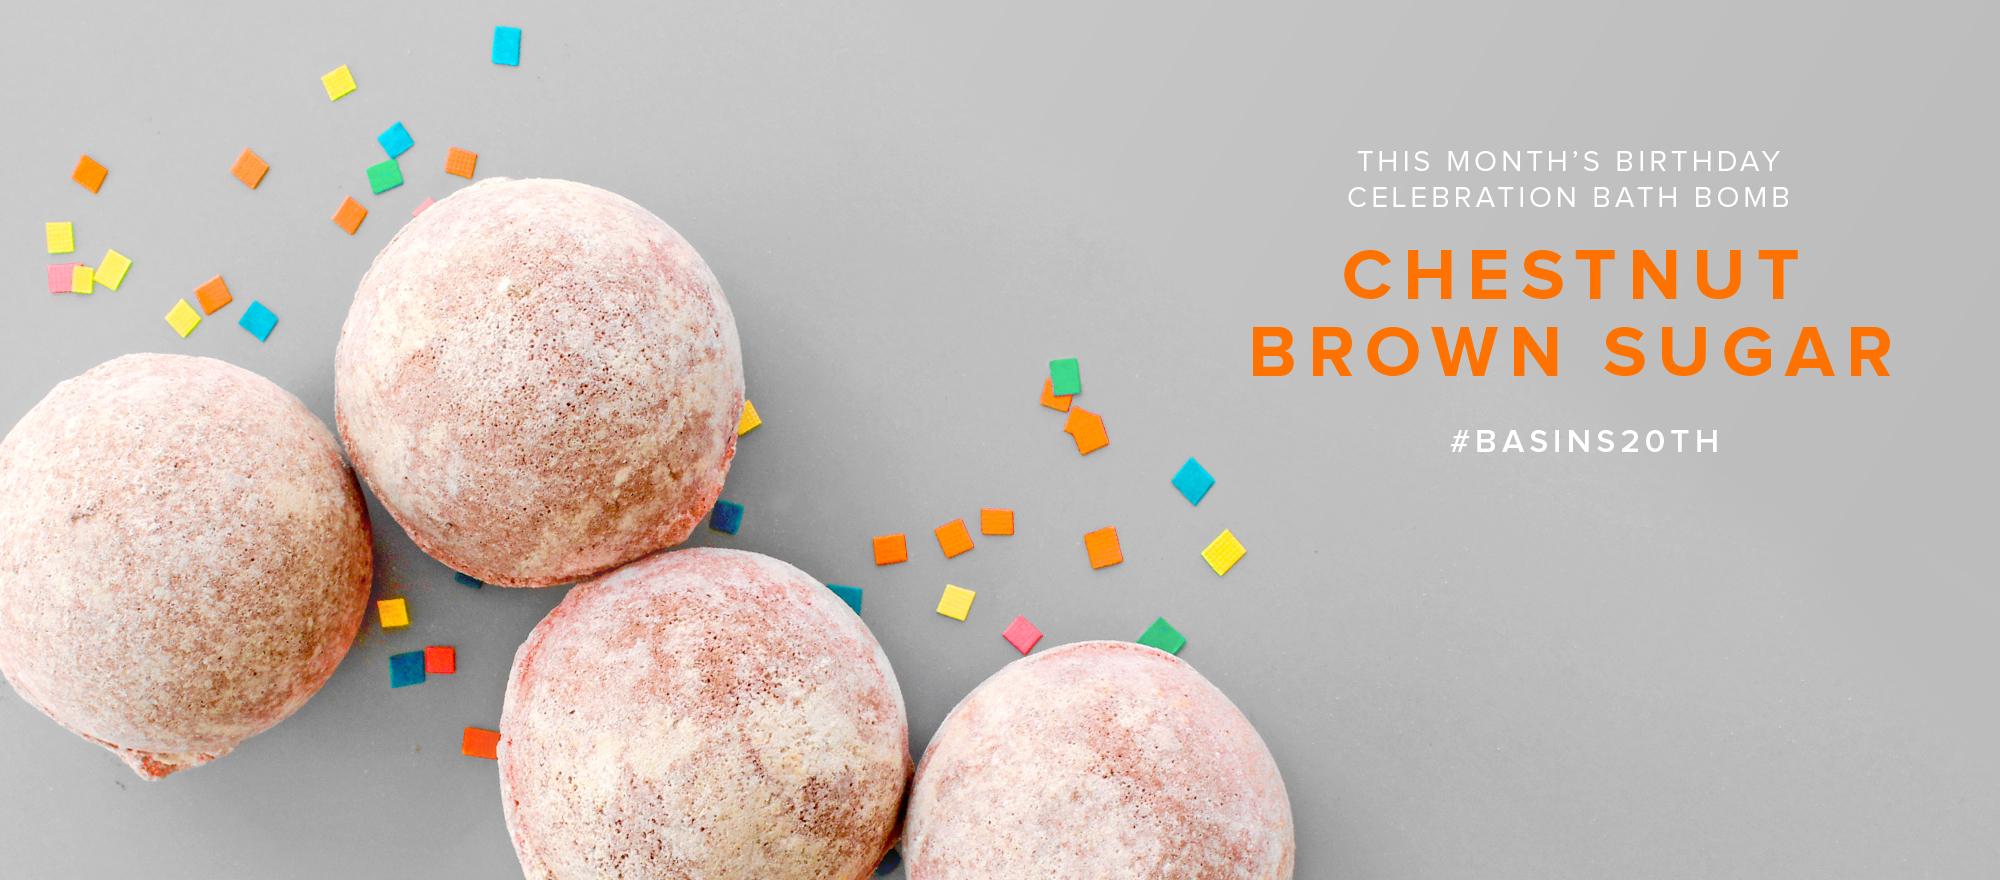 Chestnut Brown Sugar Bath Bomb